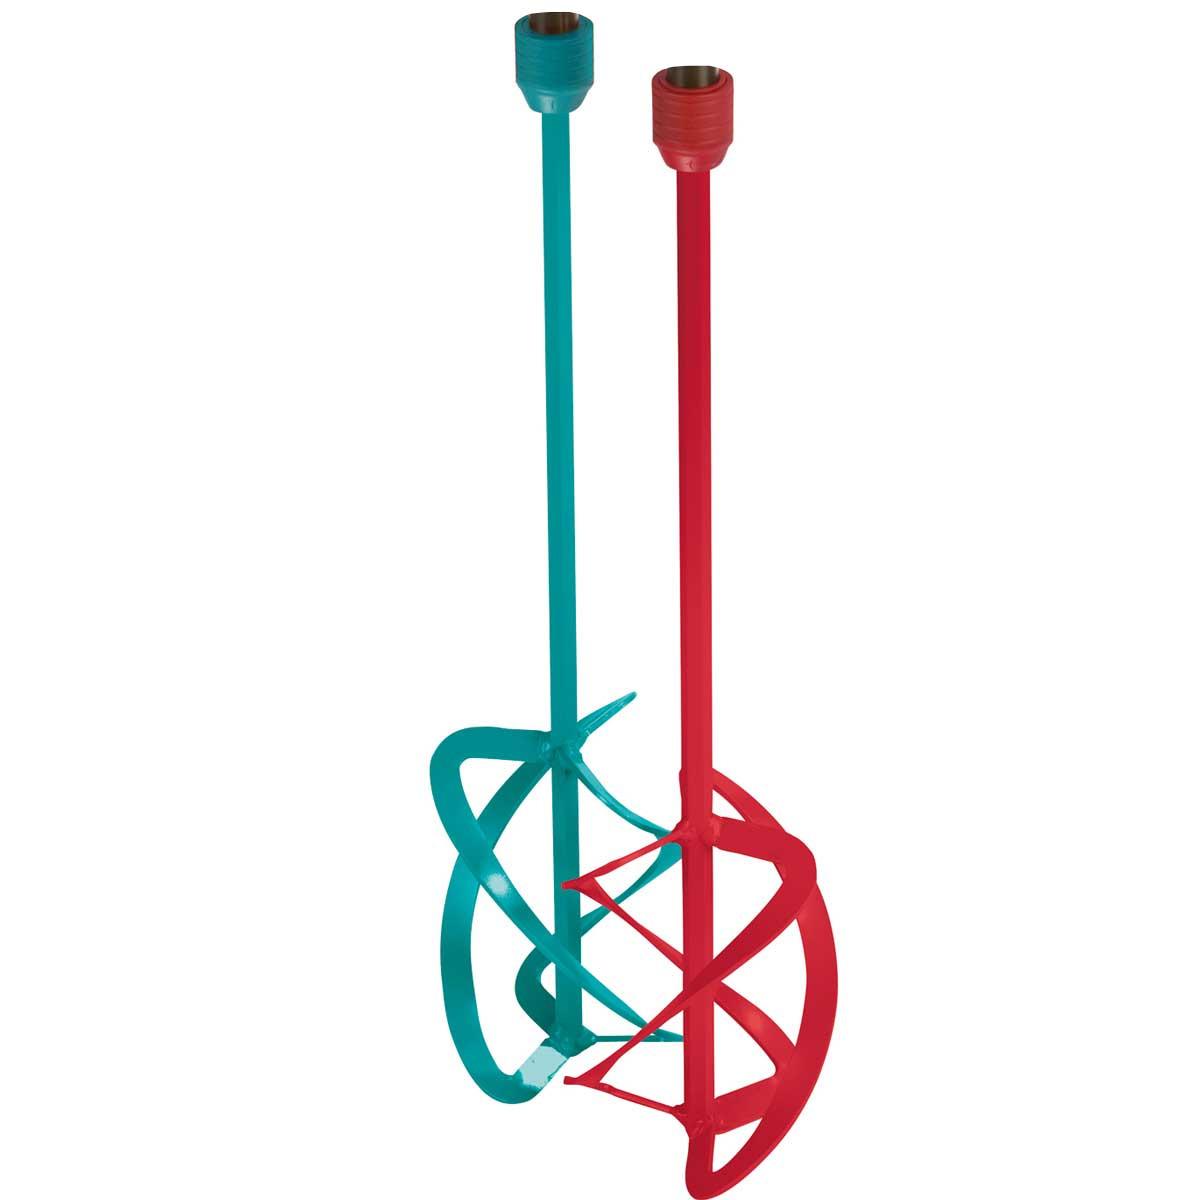 MK140HF Collomix Paddles duo mixer